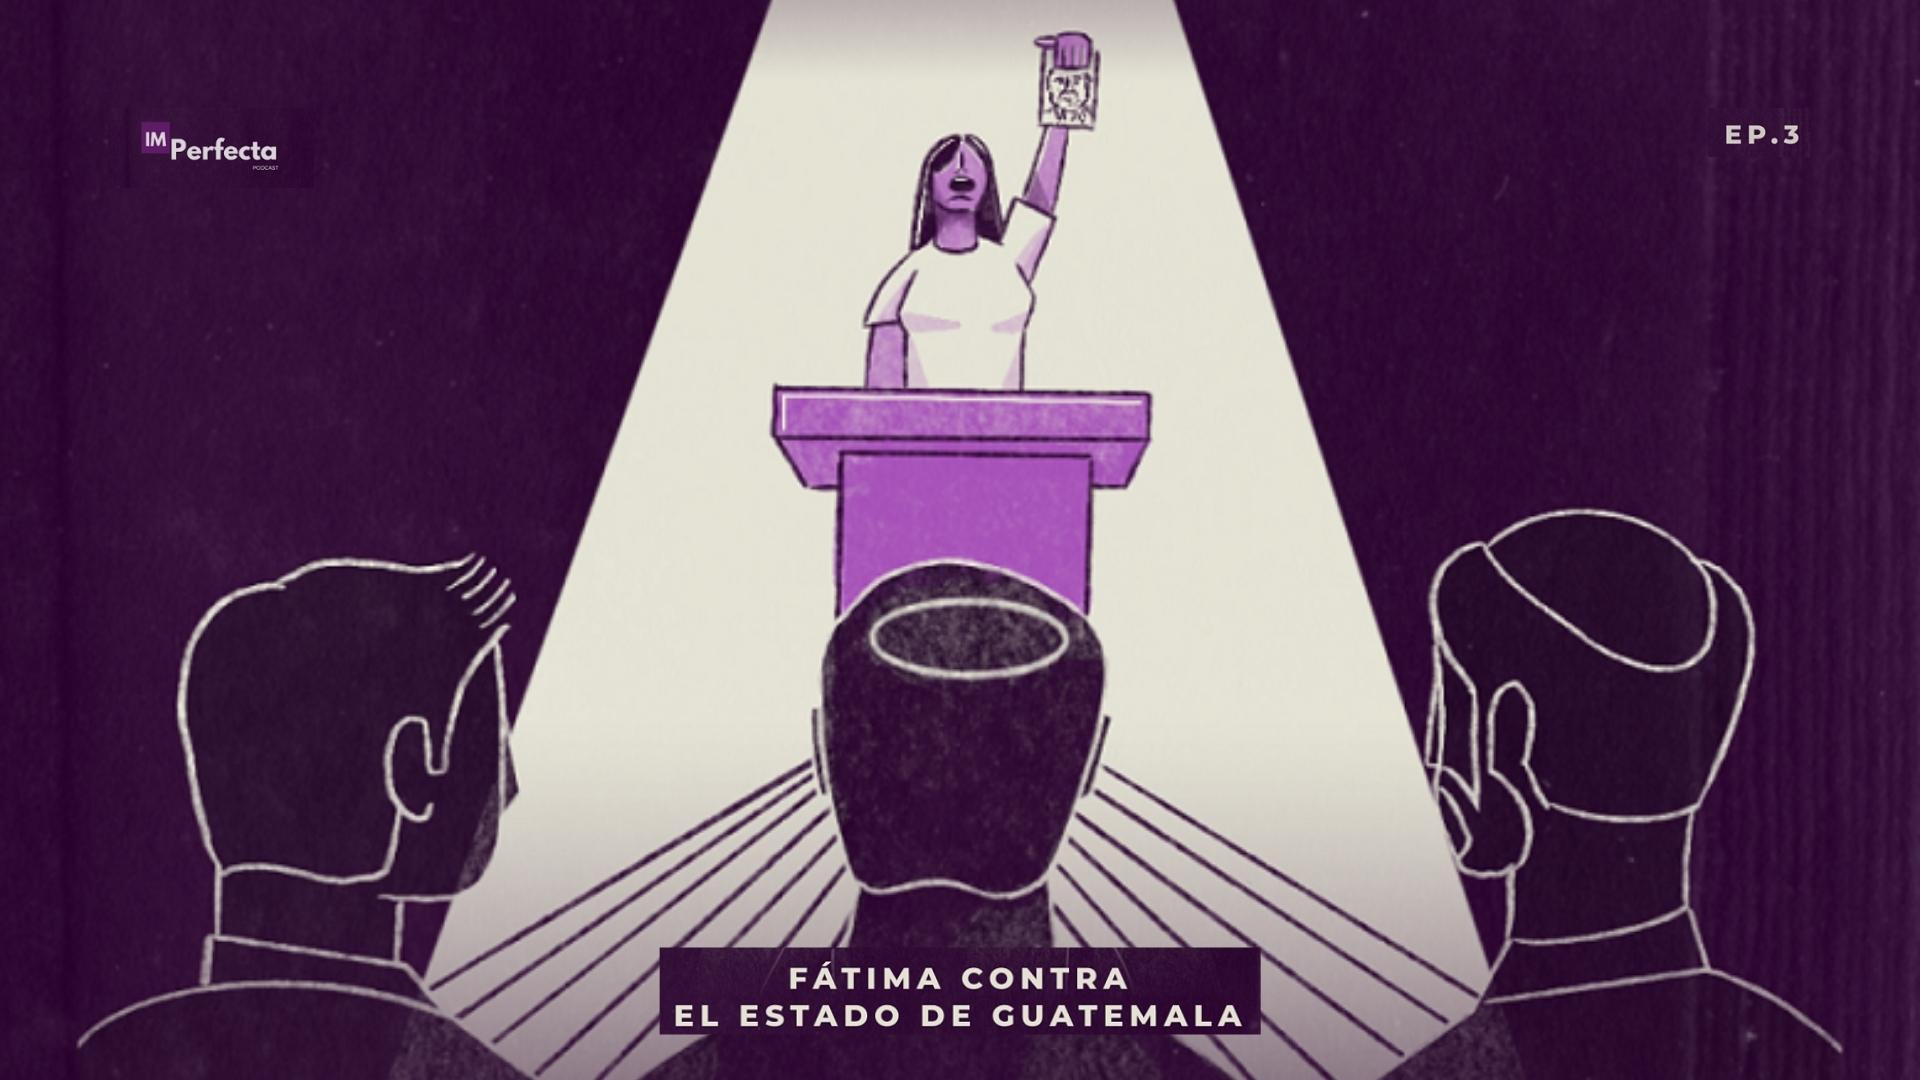 Fátima contra el Estado de Guatemala